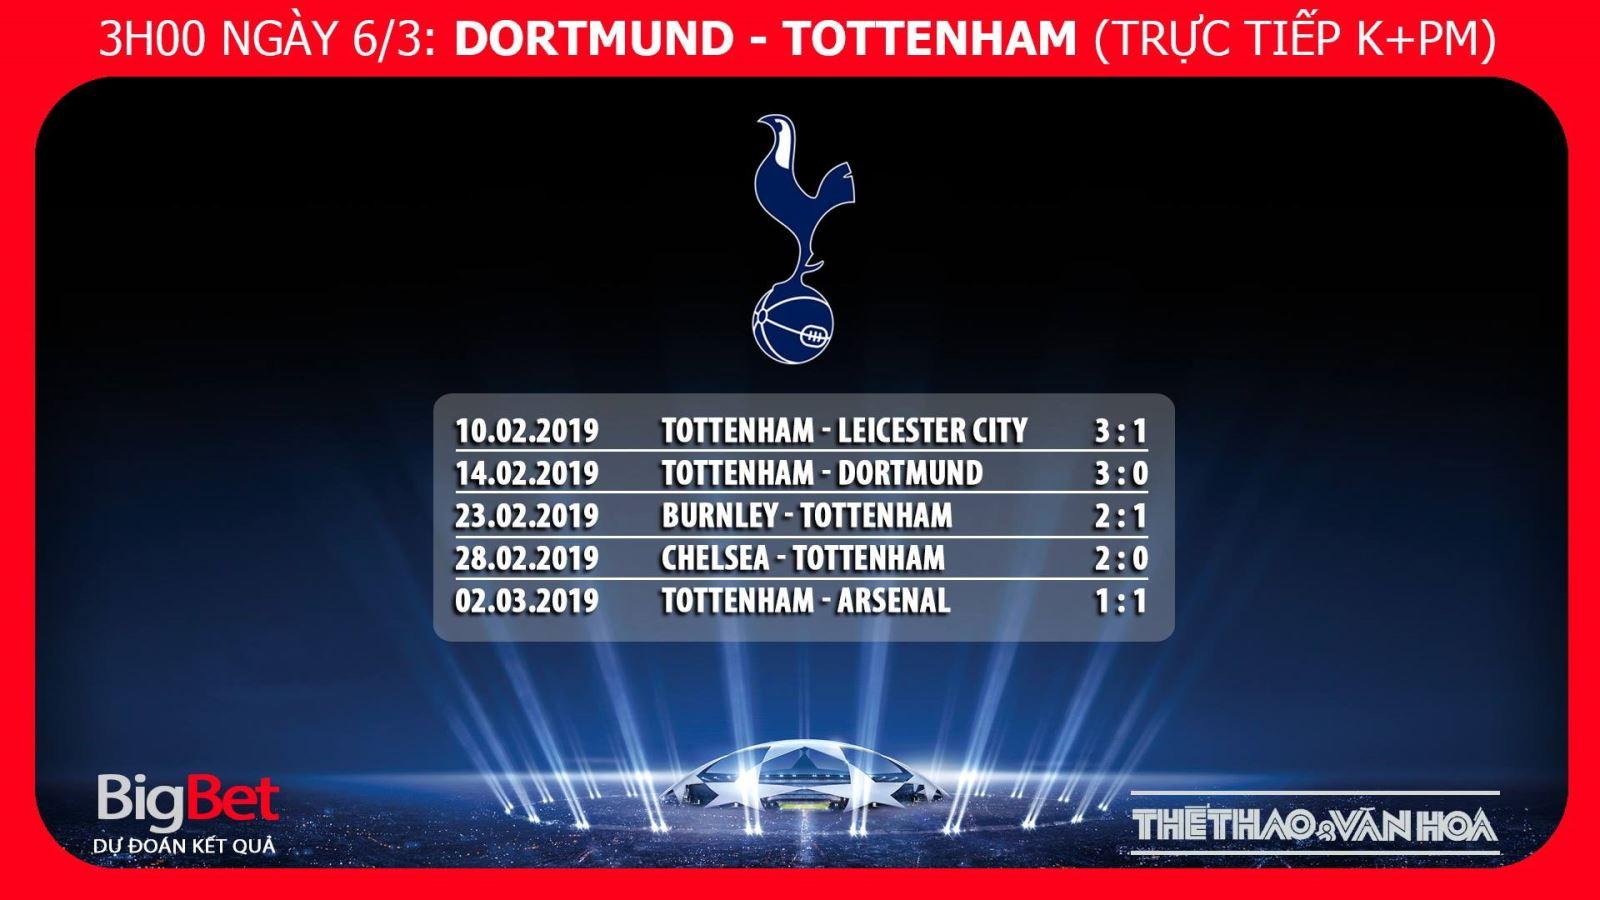 Chú thích kèo Dortmund vs Tottenham, kèo Tottenham, soi kèo Dortmund vs Tottenham, dự đoán bóng đá Dortmund Tottenham, truc tiep bong da, truc tiep C1, cup C1 trực tiếp bóng đá, trực tiếp Dortmund, trực tiếp bó